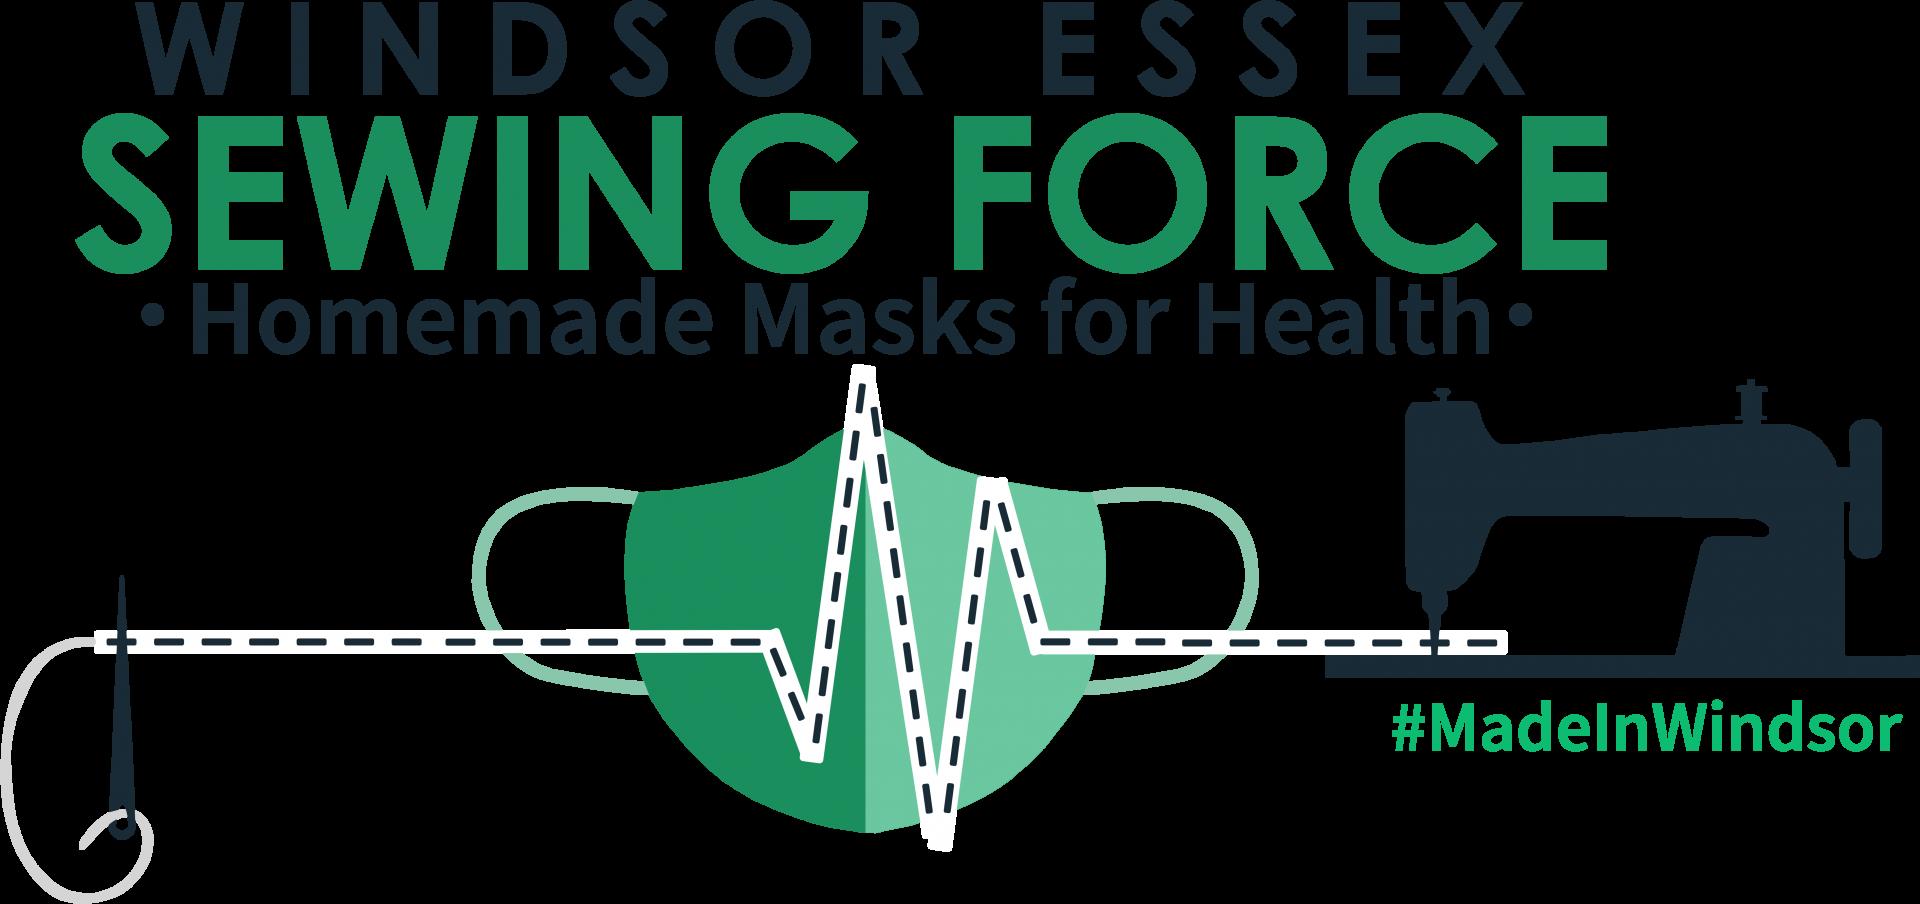 Medical vs. Cotton Masks